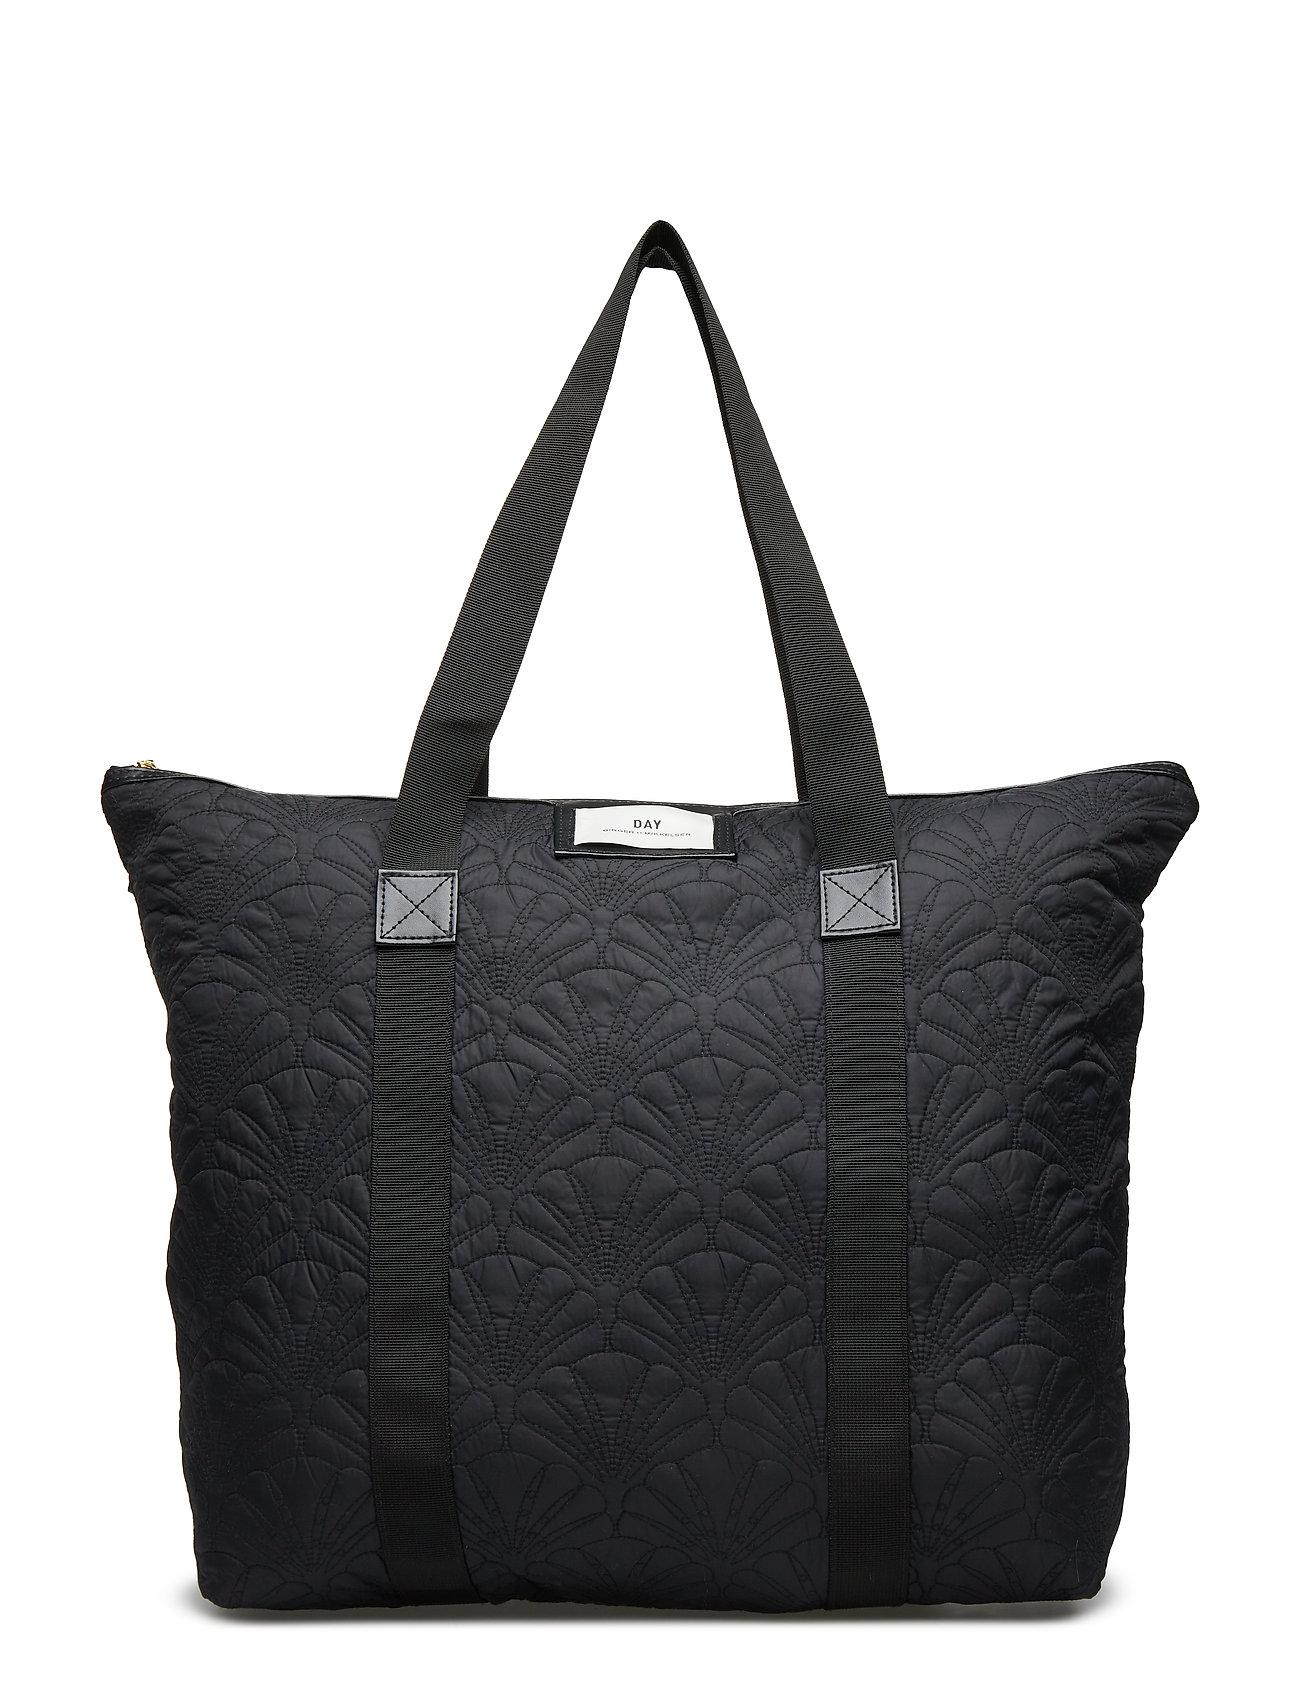 Image of Day Gweneth Q Fan Bag (3102801497)